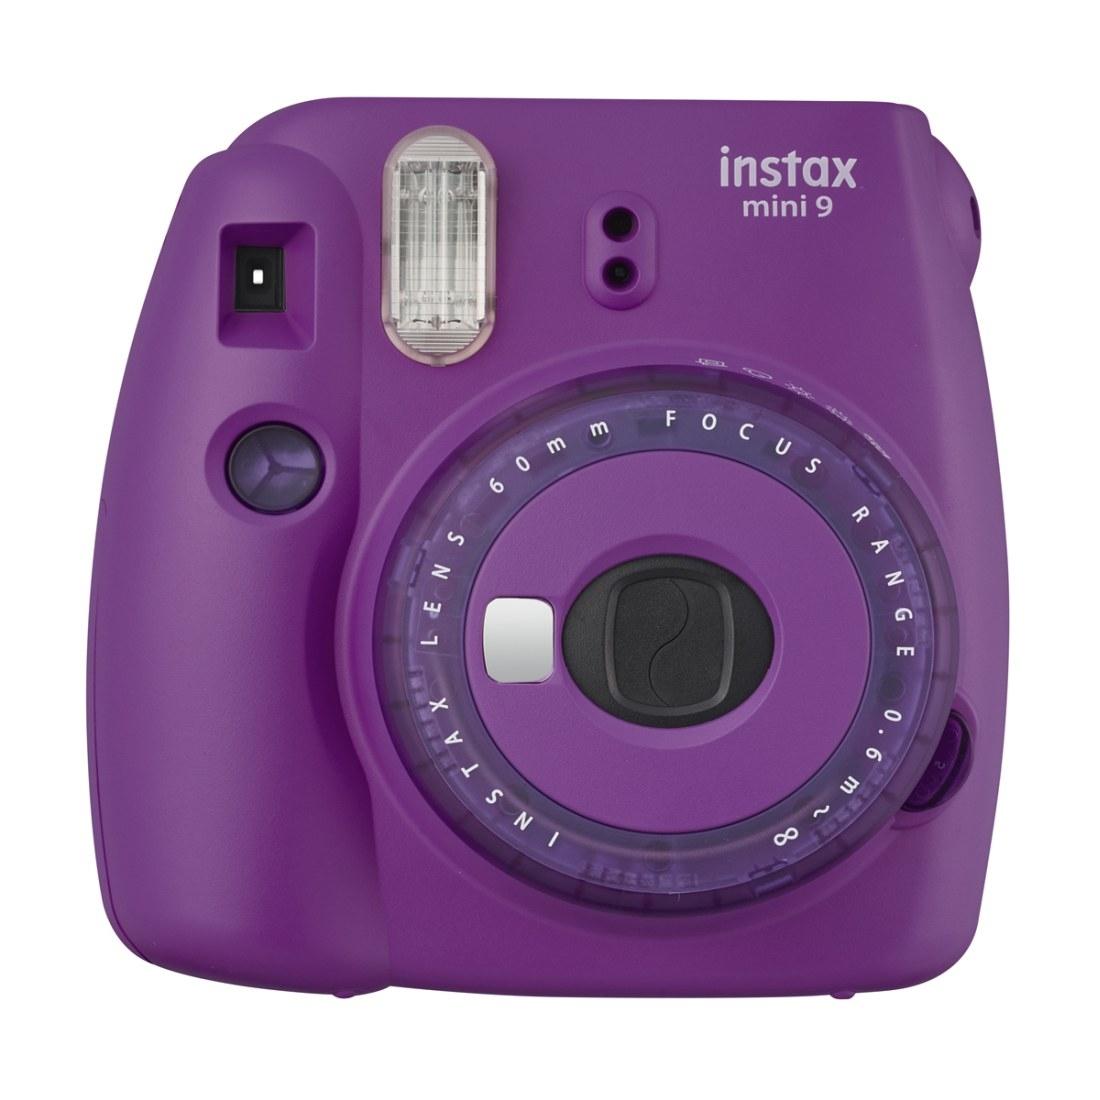 Fuji Instax mini 9 Sofortbildkamera clear purple